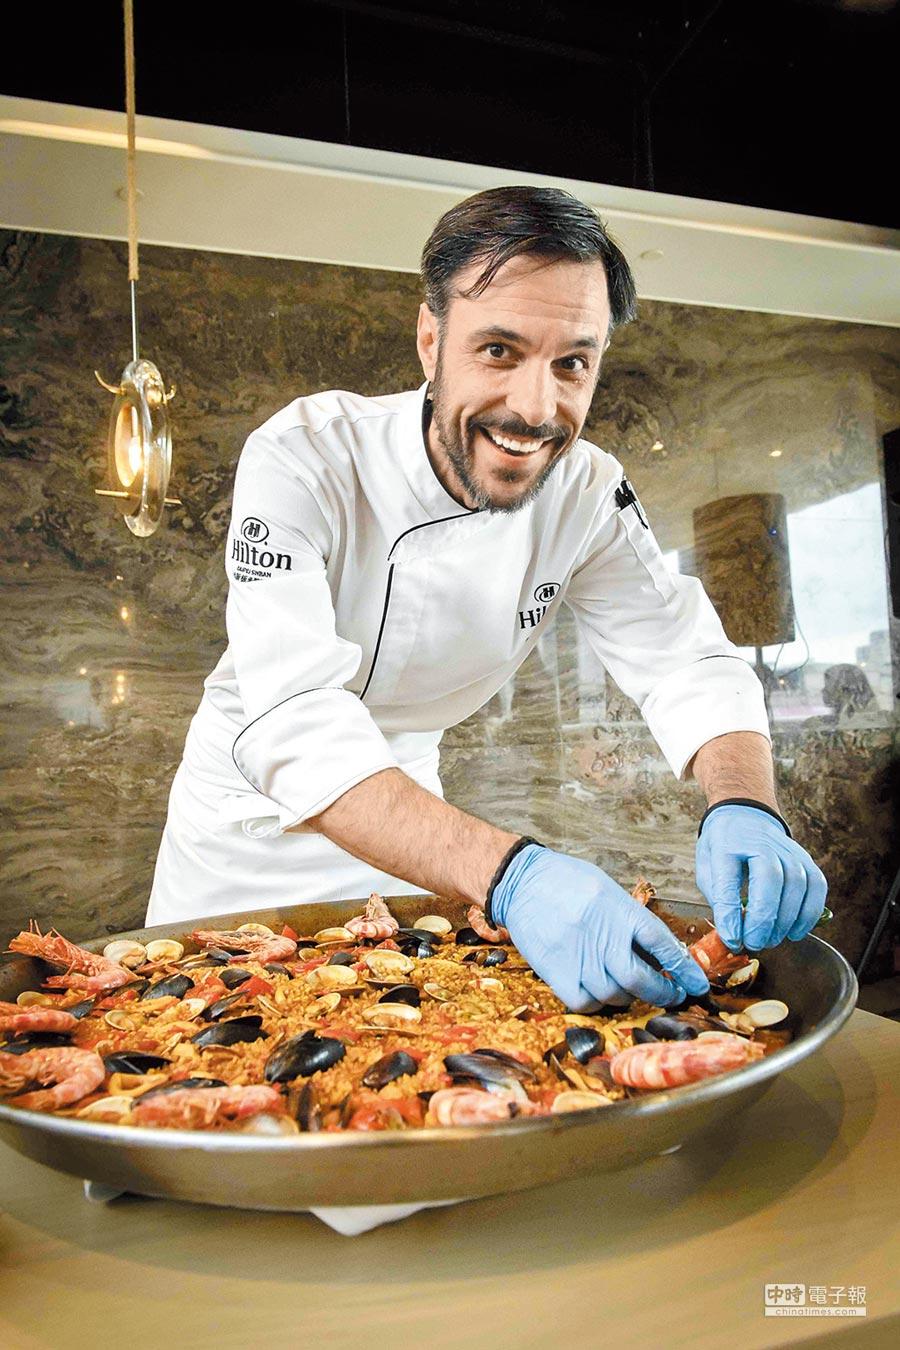 台北新板希爾頓酒店「悅.市集」Buffet餐廳主廚Daniel Sanz Martin,在感恩節當天將打造限定1晚的節慶料理。(台北新板希爾頓酒店提供)